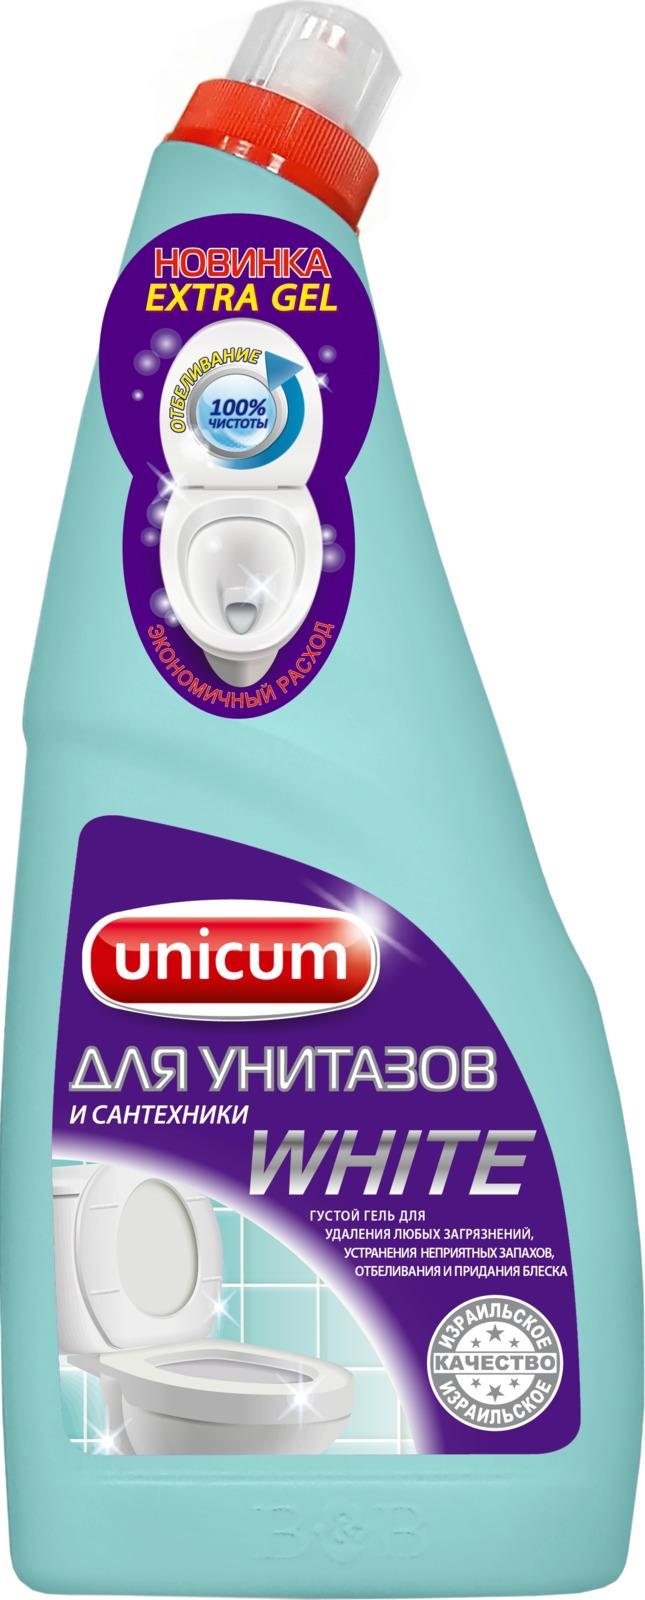 Гель для чистки унитазов Unicum, с гипохлоритом, 750 мл средство elit home гель д унитазов лимон 750 мл 12 шт 671454